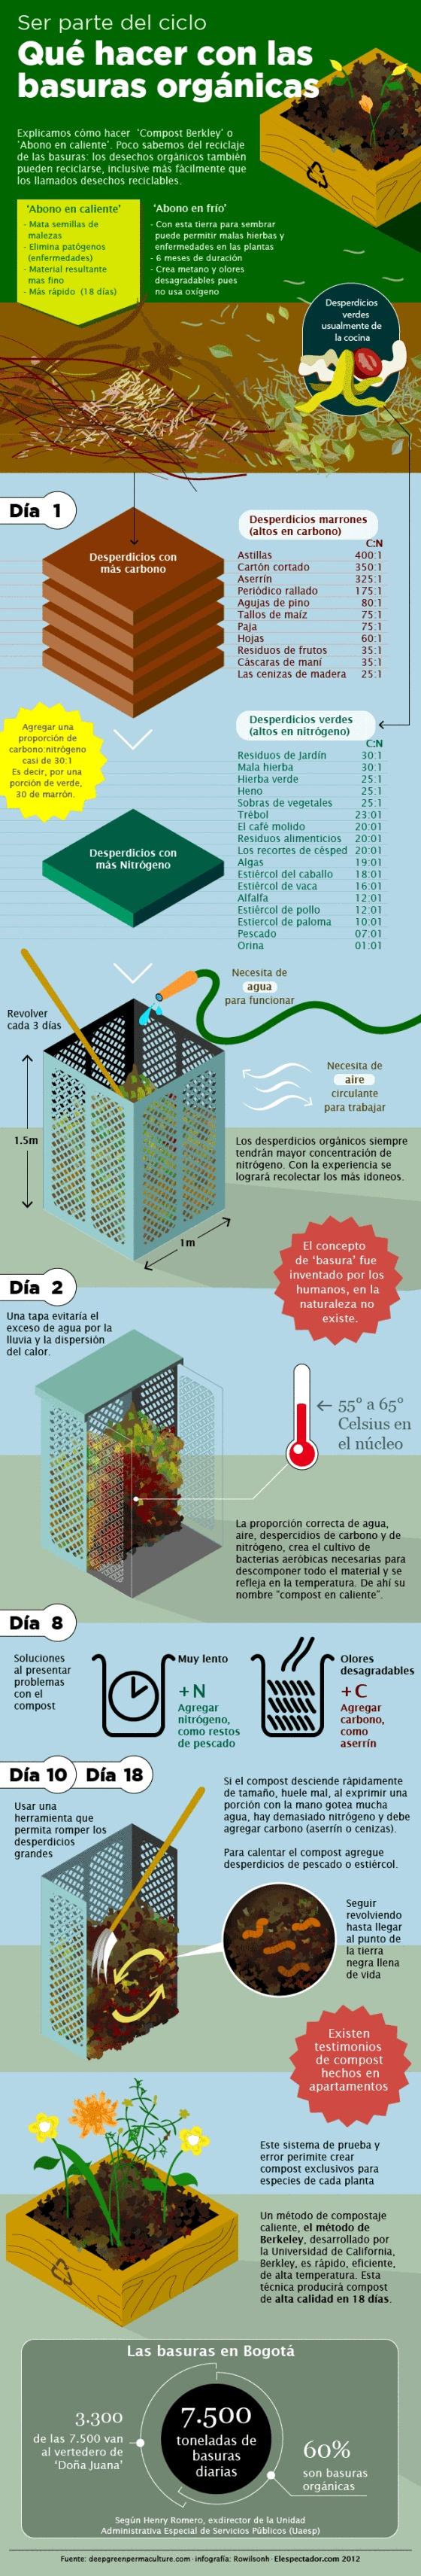 Qué hacer con las basuras orgánicas #ecologia #sostenibilidad